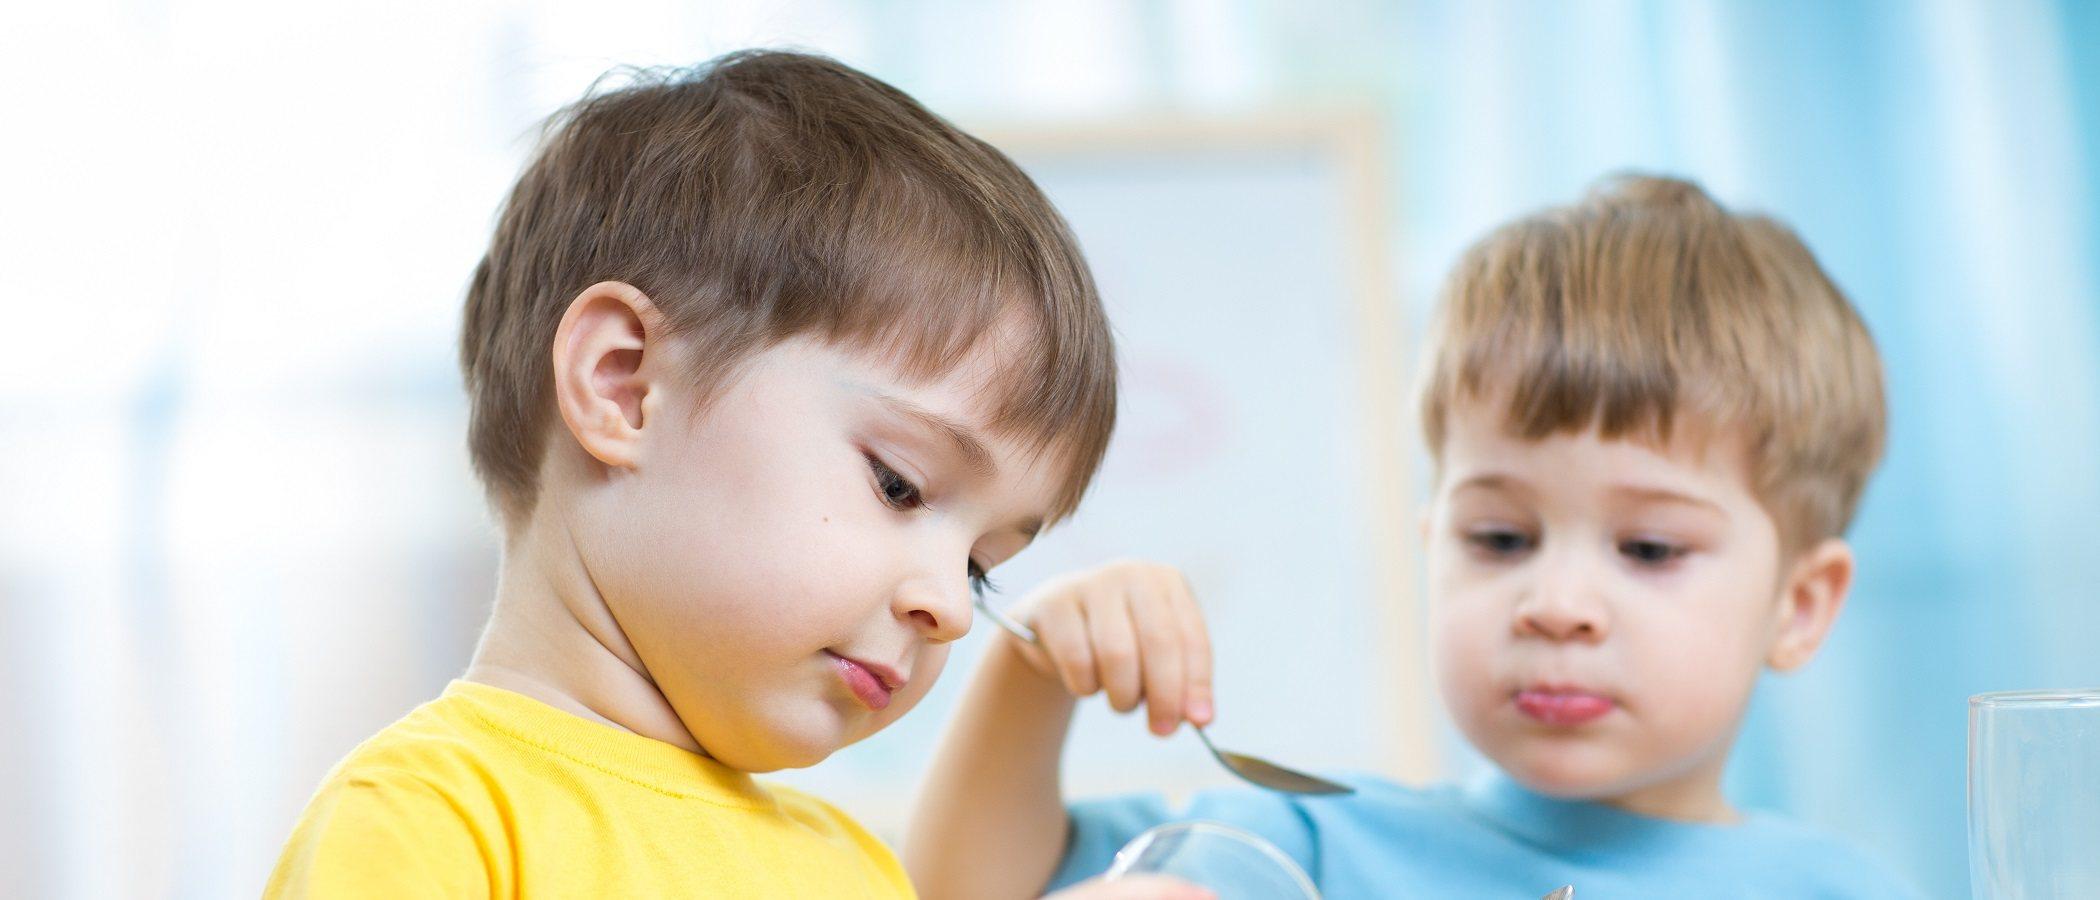 Hogar sin peleas entre hermanos y tranquilidad, ¡estos son los secretos!